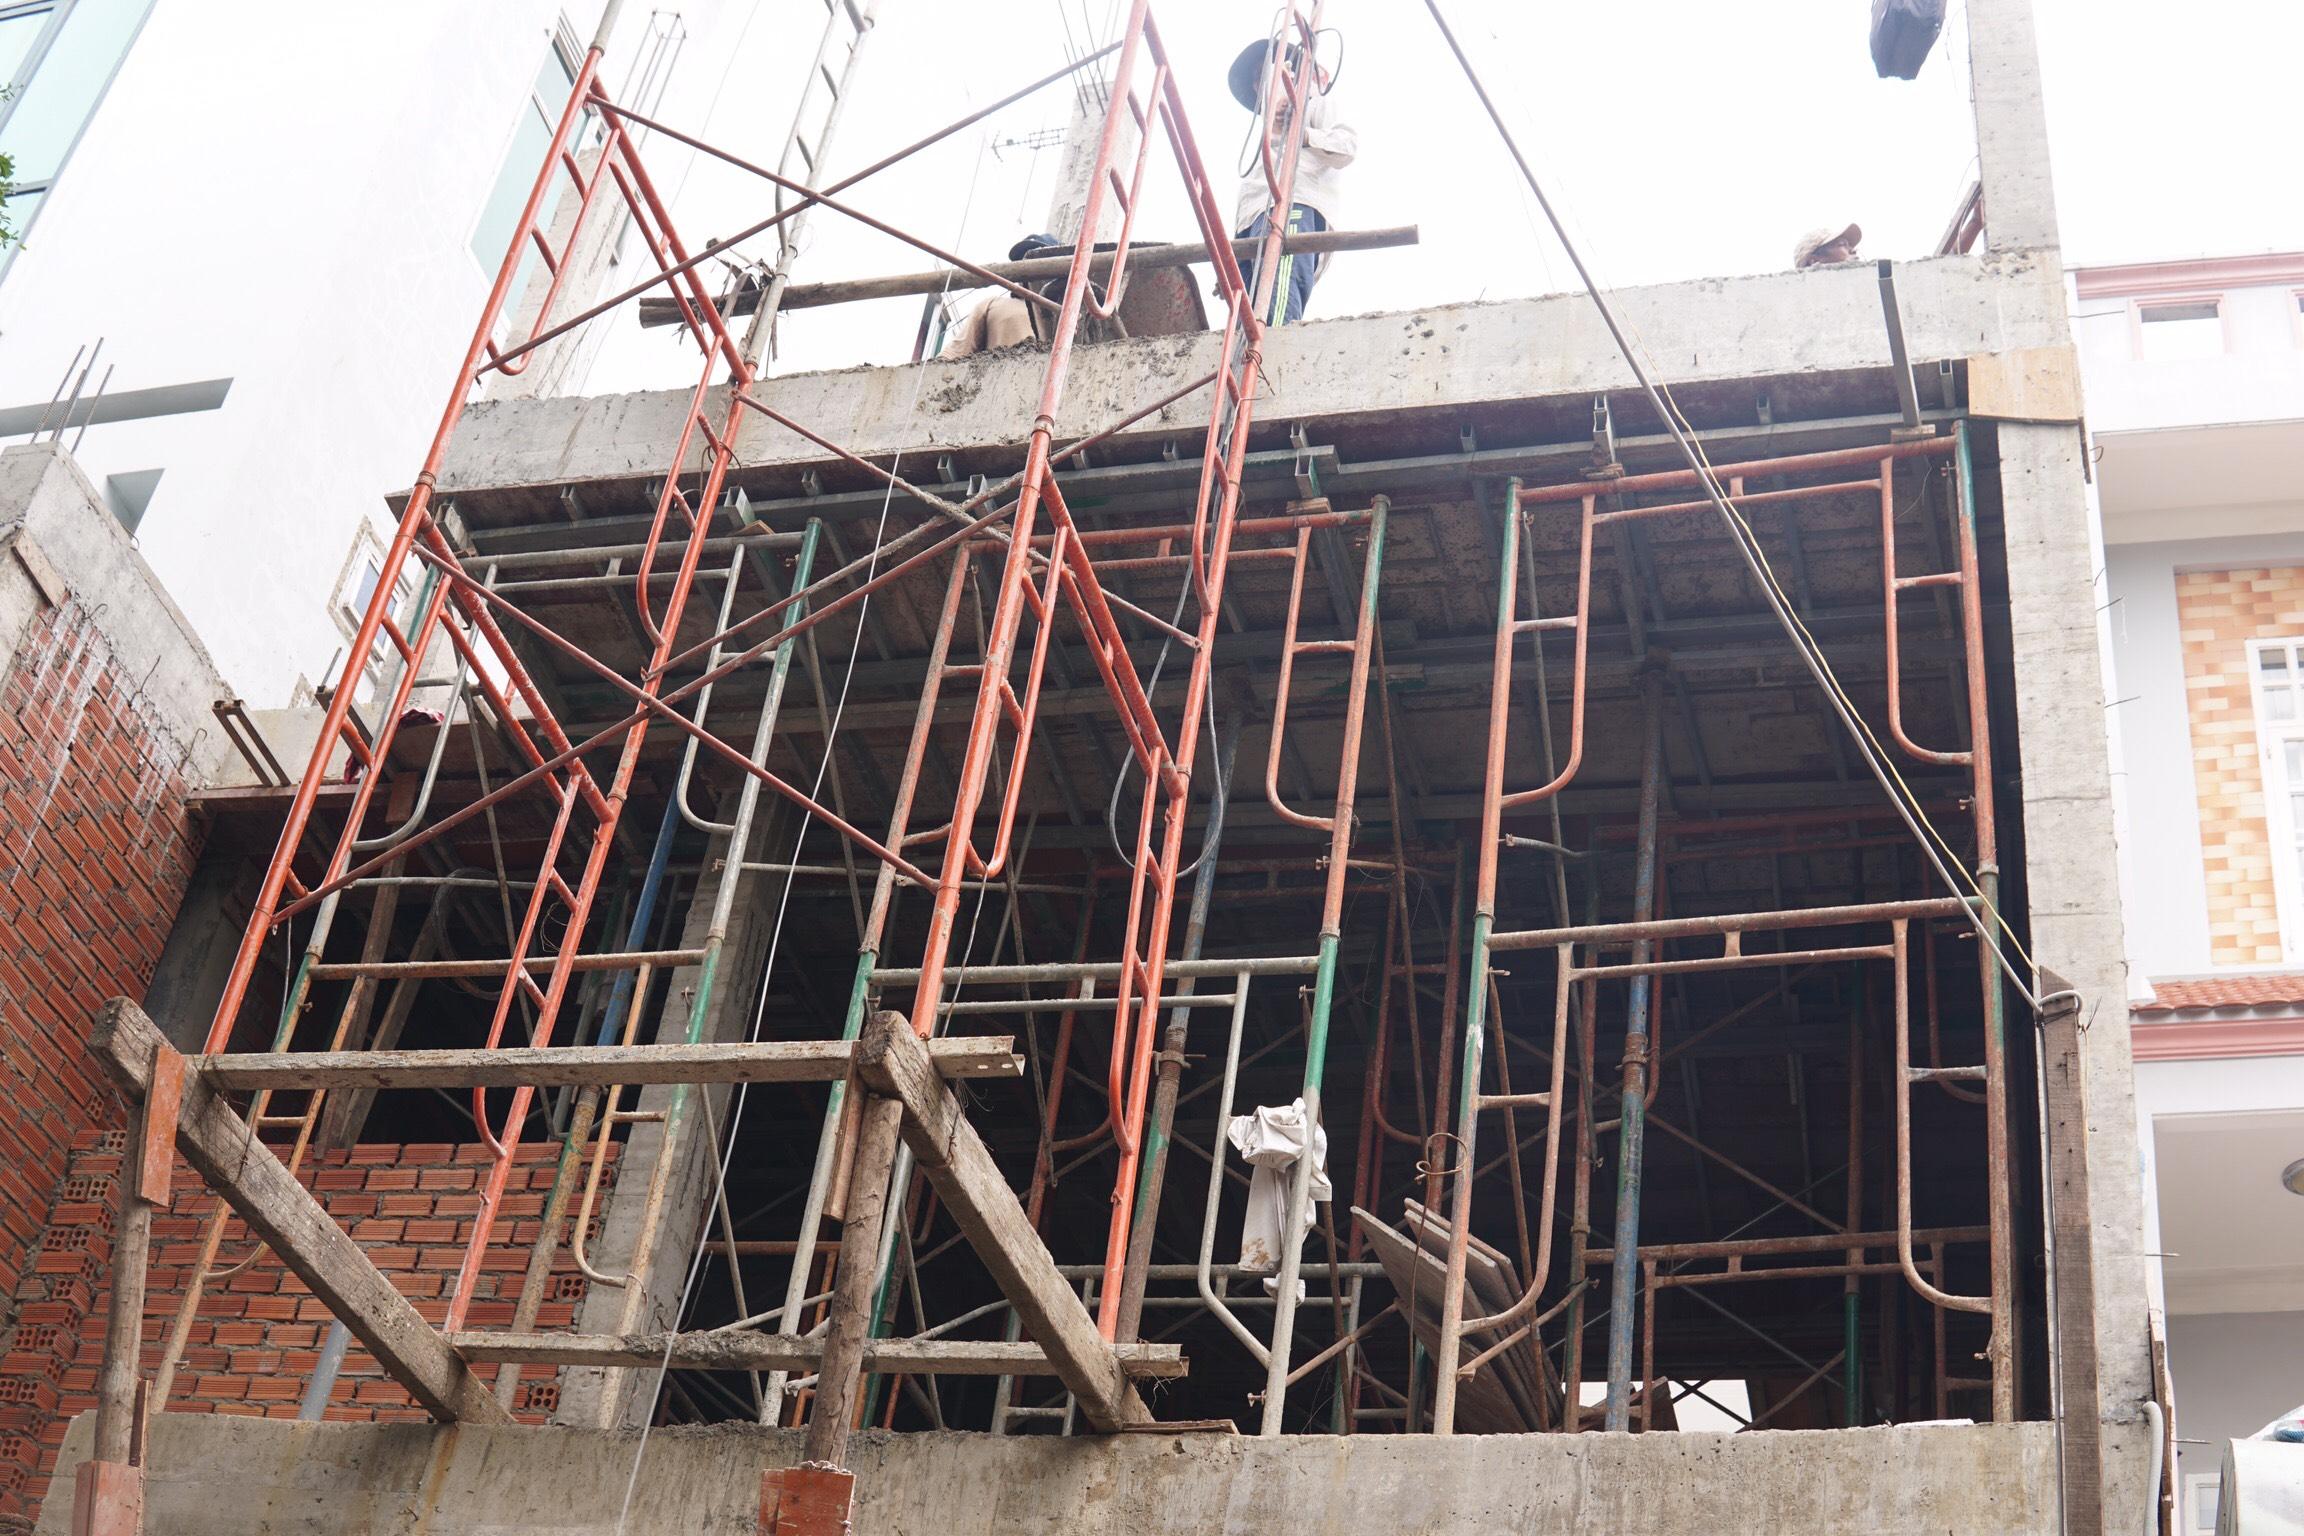 thi cong nha 3 tang hien dai cong ty xay dung bien hoa 6 Mẫu nhà 3 tầng đẹp hiện đại 6,7x12m có 3 giếng trời cho chủ nhà ưu tiên ánh sáng ở Biên Hòa